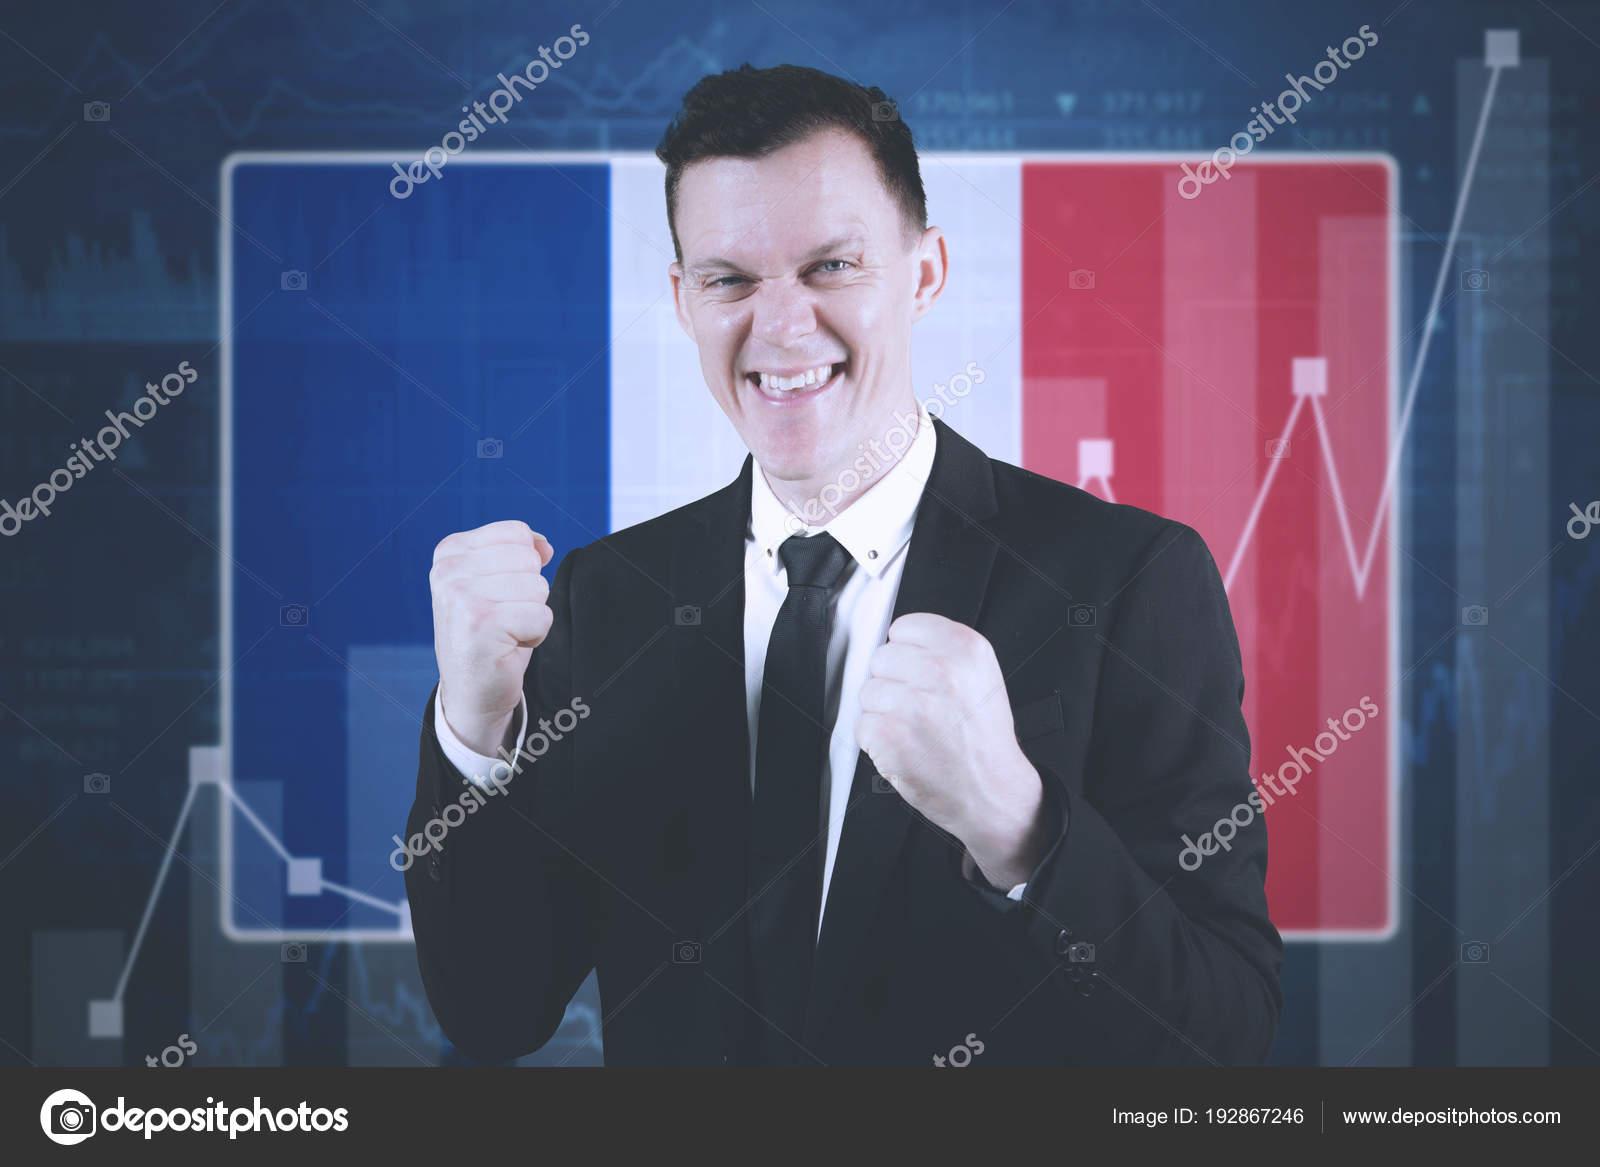 Feliz empresário expressando sucesso em pé perto de estatísticas de  crescimento e bandeira de França — Foto de realinemedia cd49c42f8d